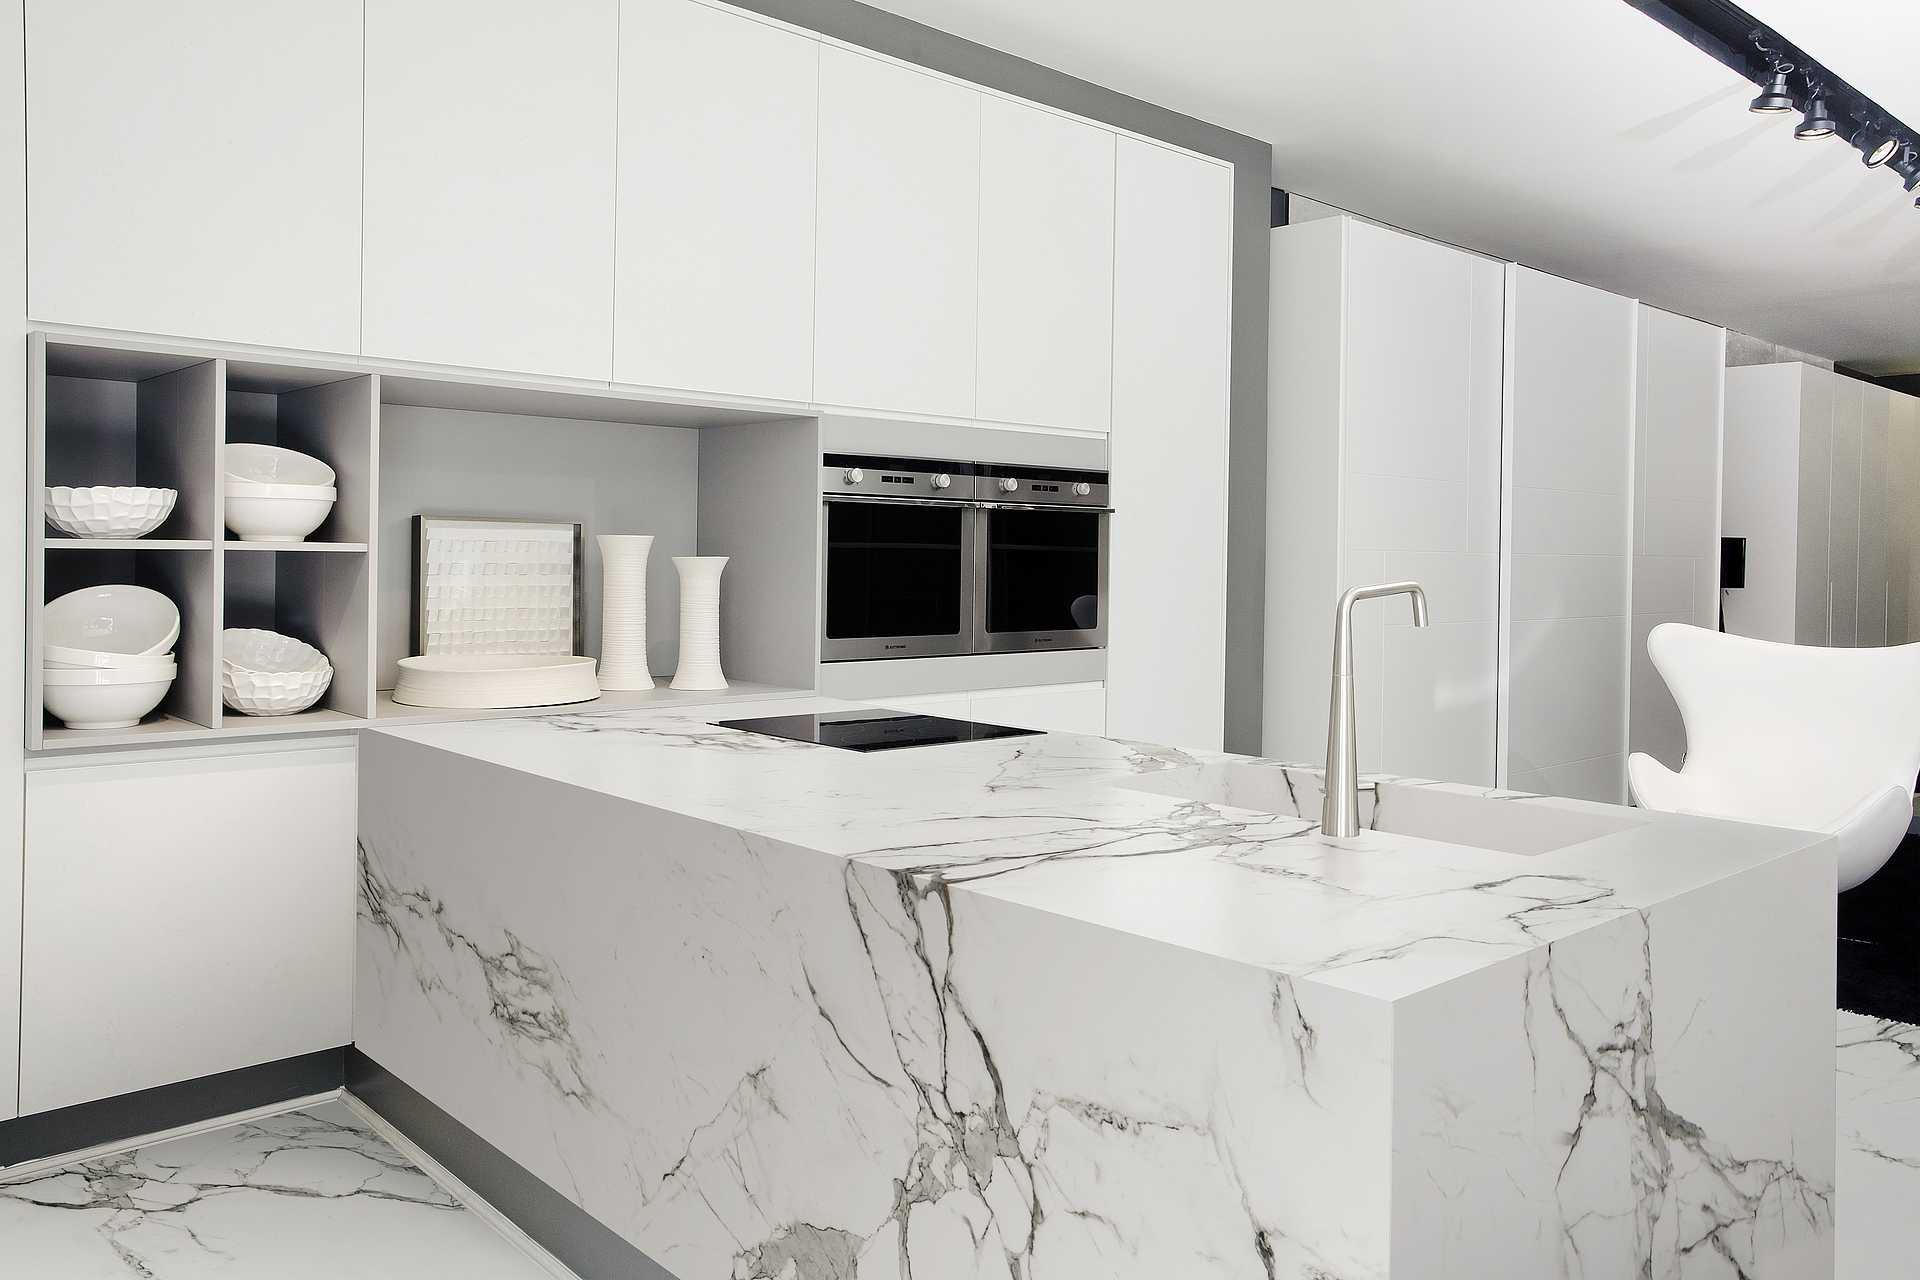 دکوراسیون وطراحی داخلی آشپزخانه